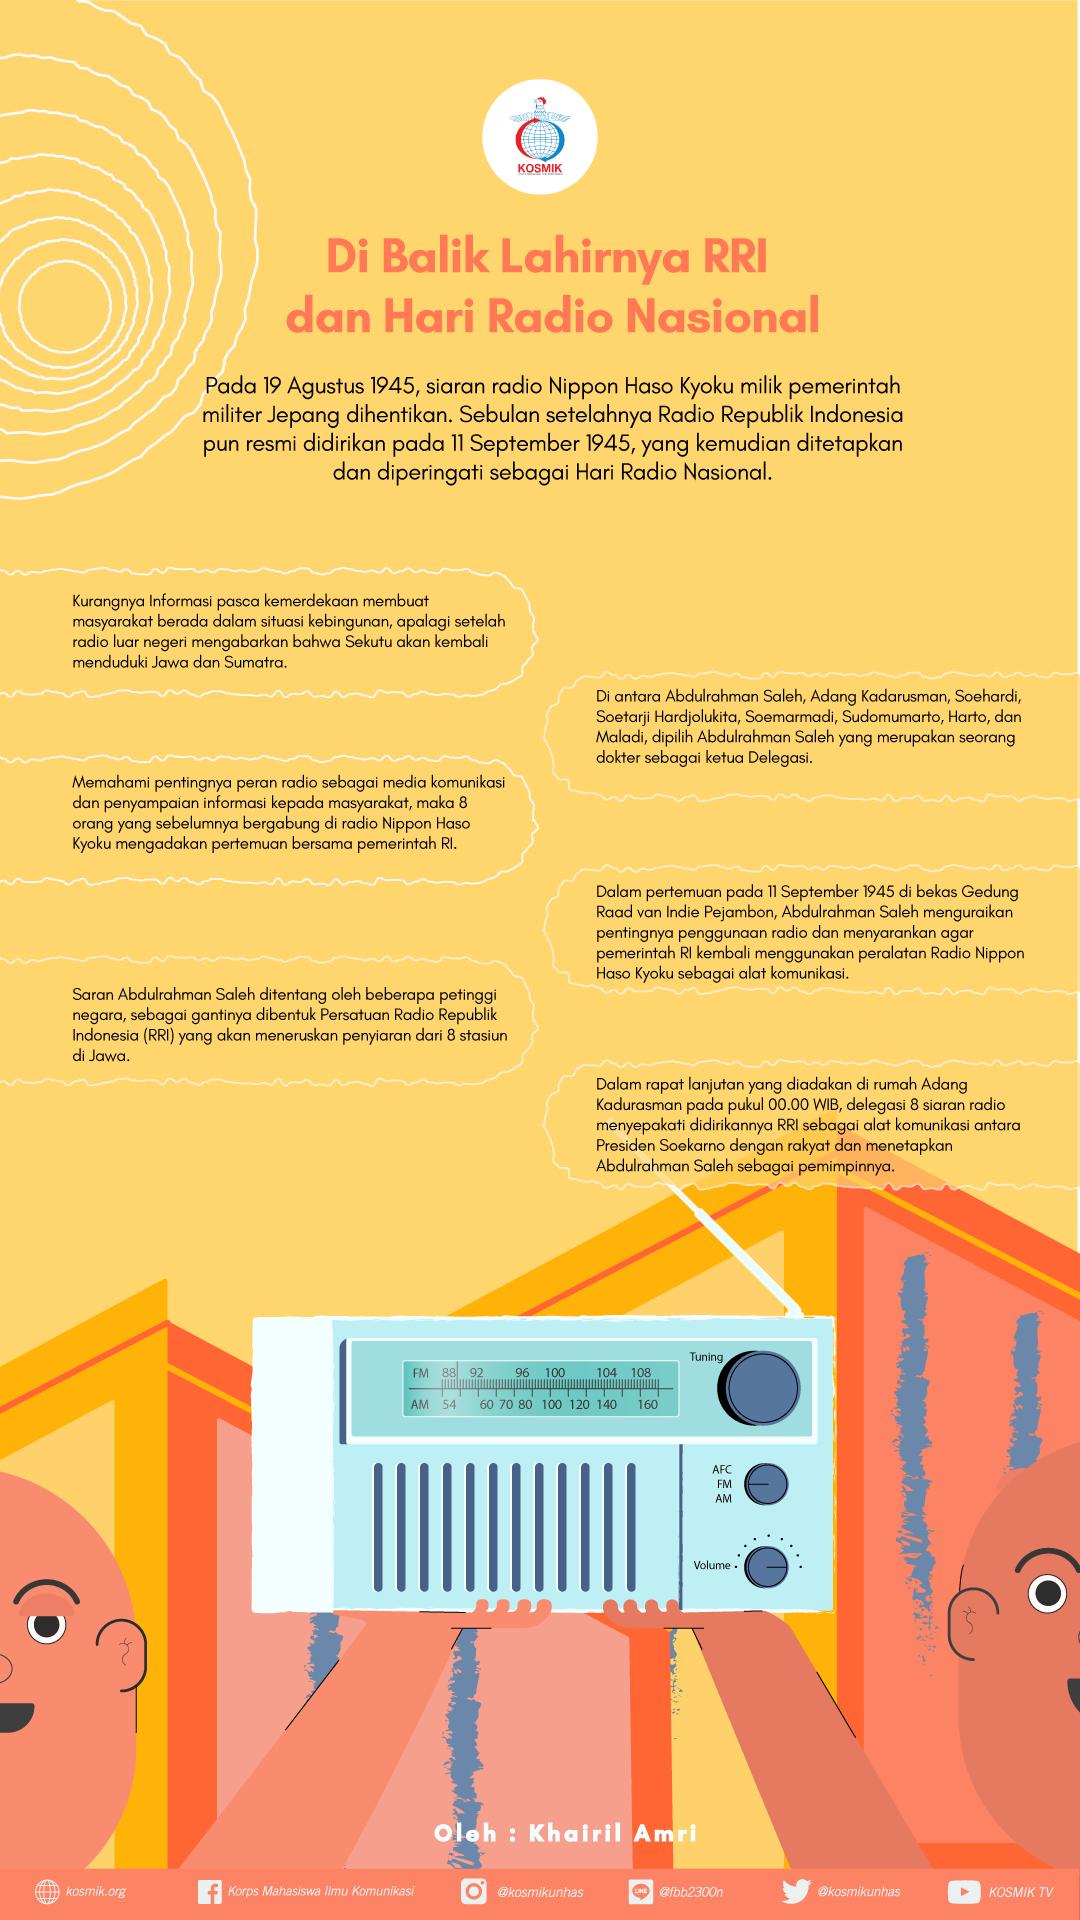 Sejarah Lahirnya Radio Indonesia dan RRI